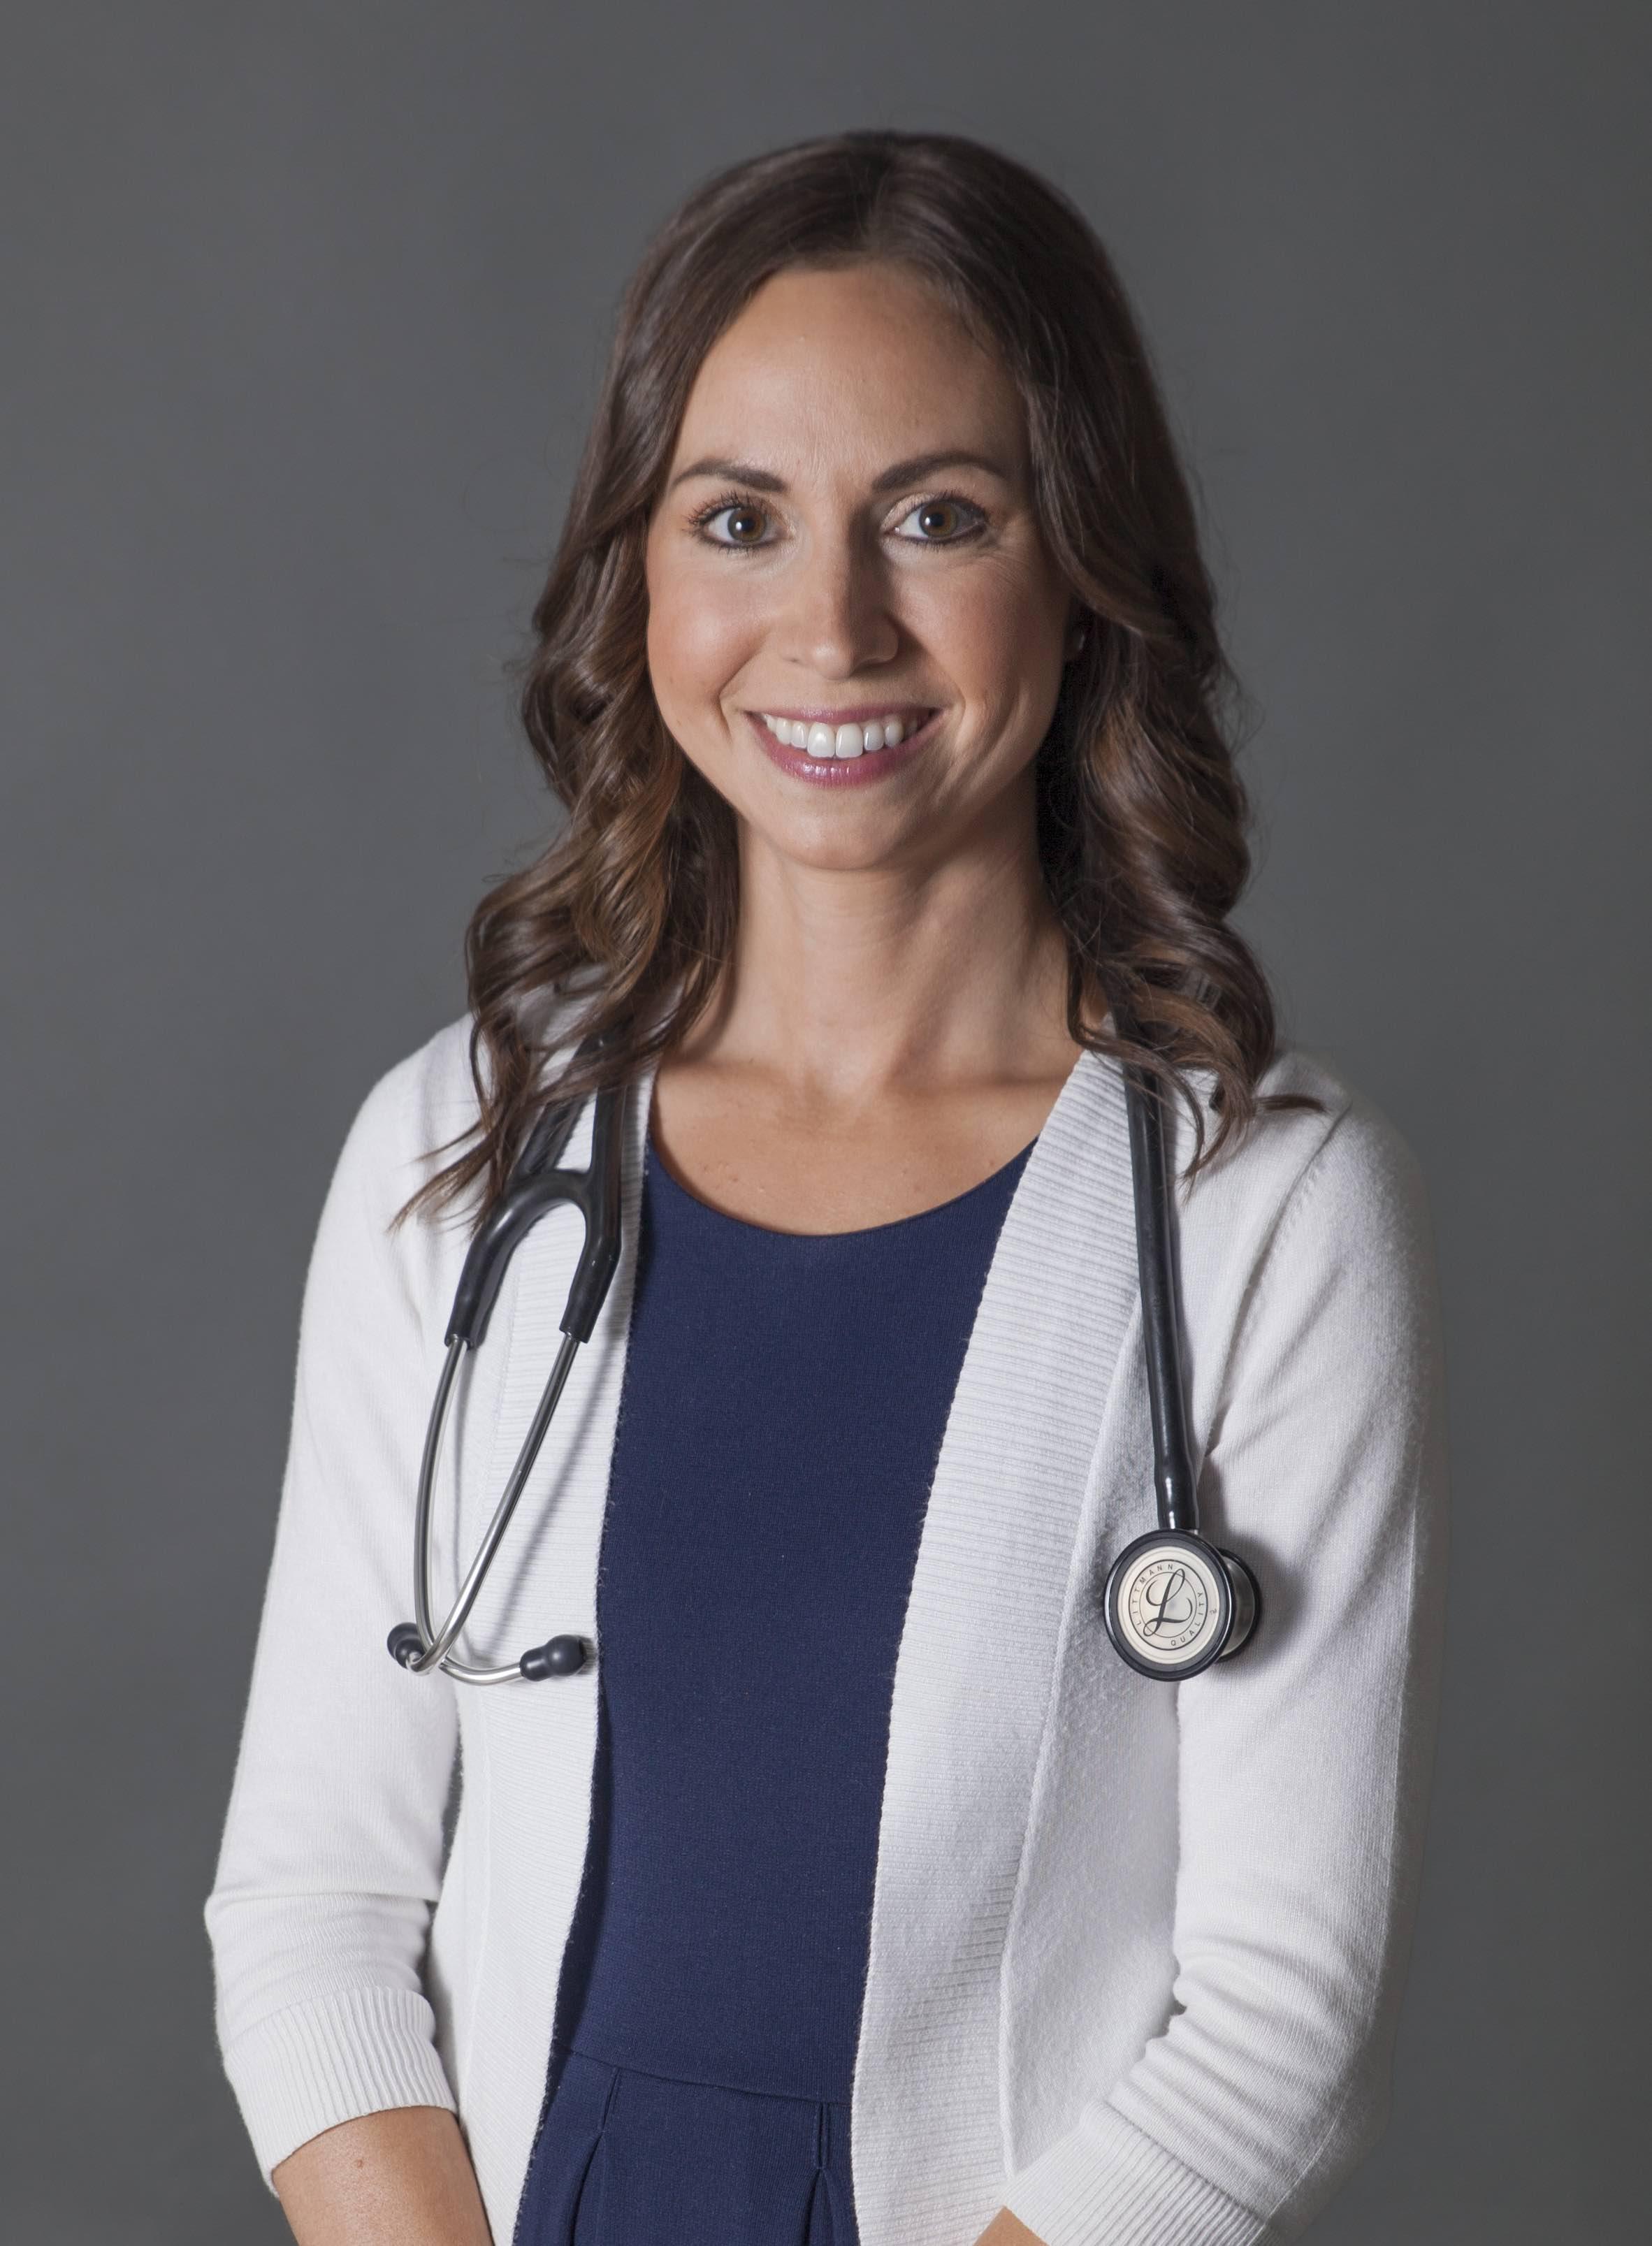 Dr. Mélanie Robinson